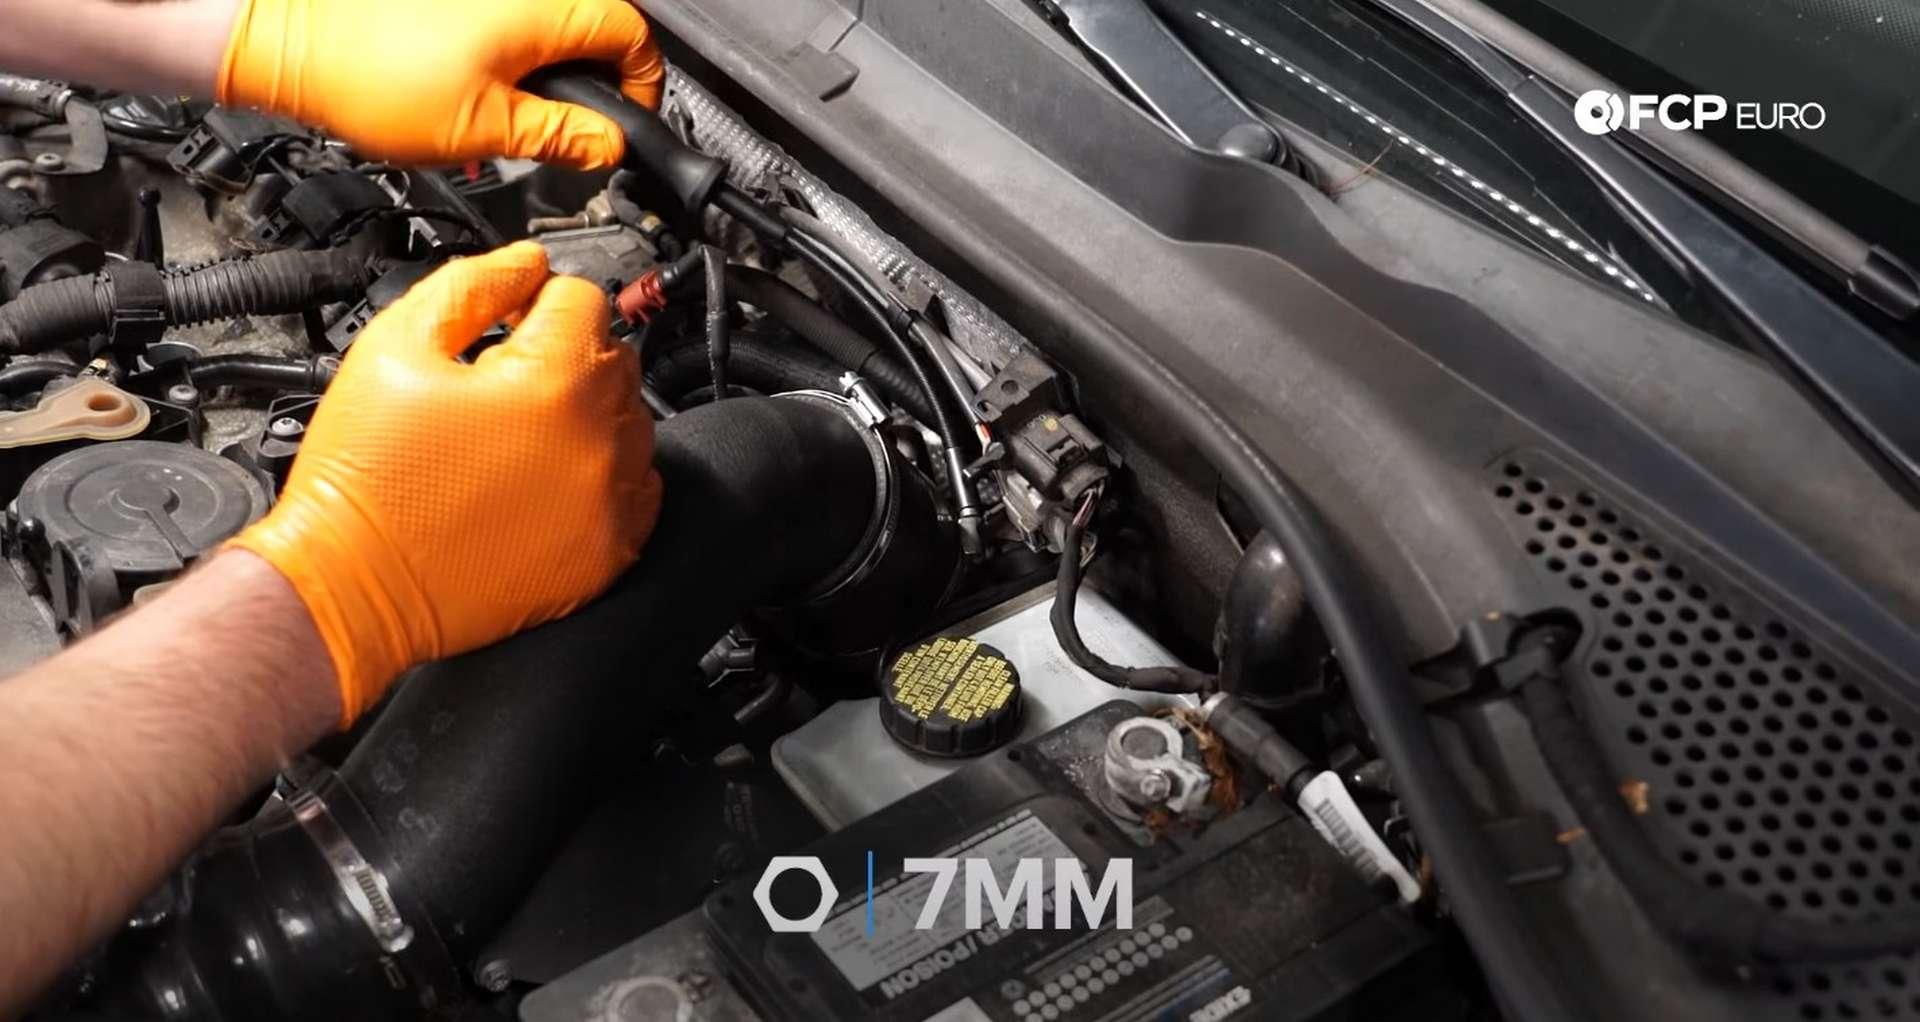 DIY MK7 VW GTI Turbocharger Upgrade loosening the intake clamp